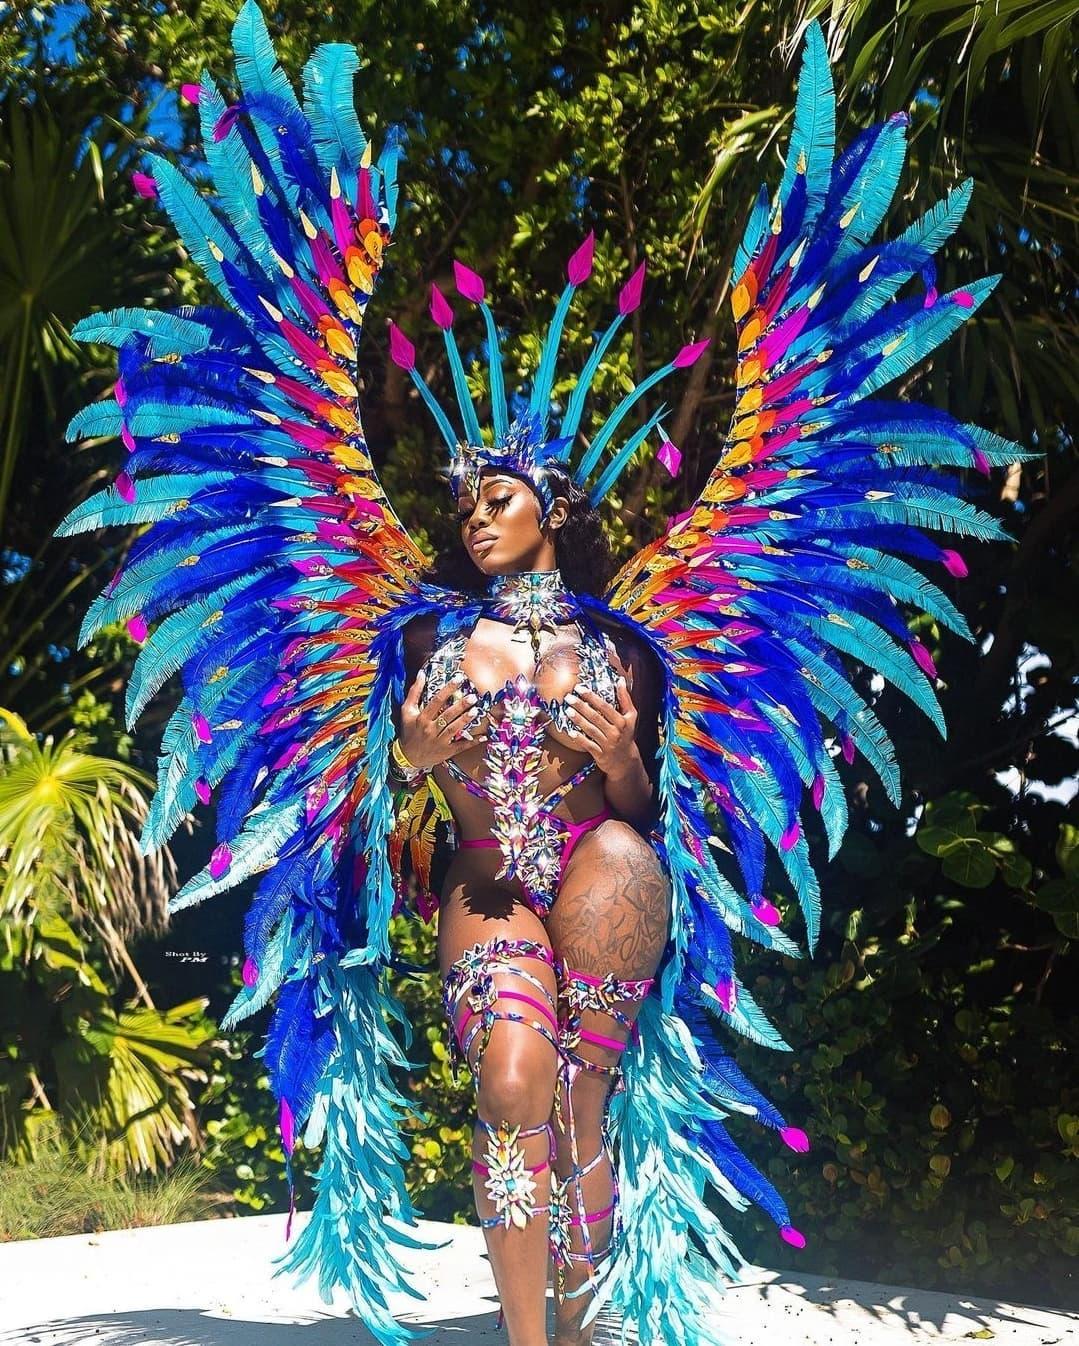 miami-carnival-2021-7.jpg